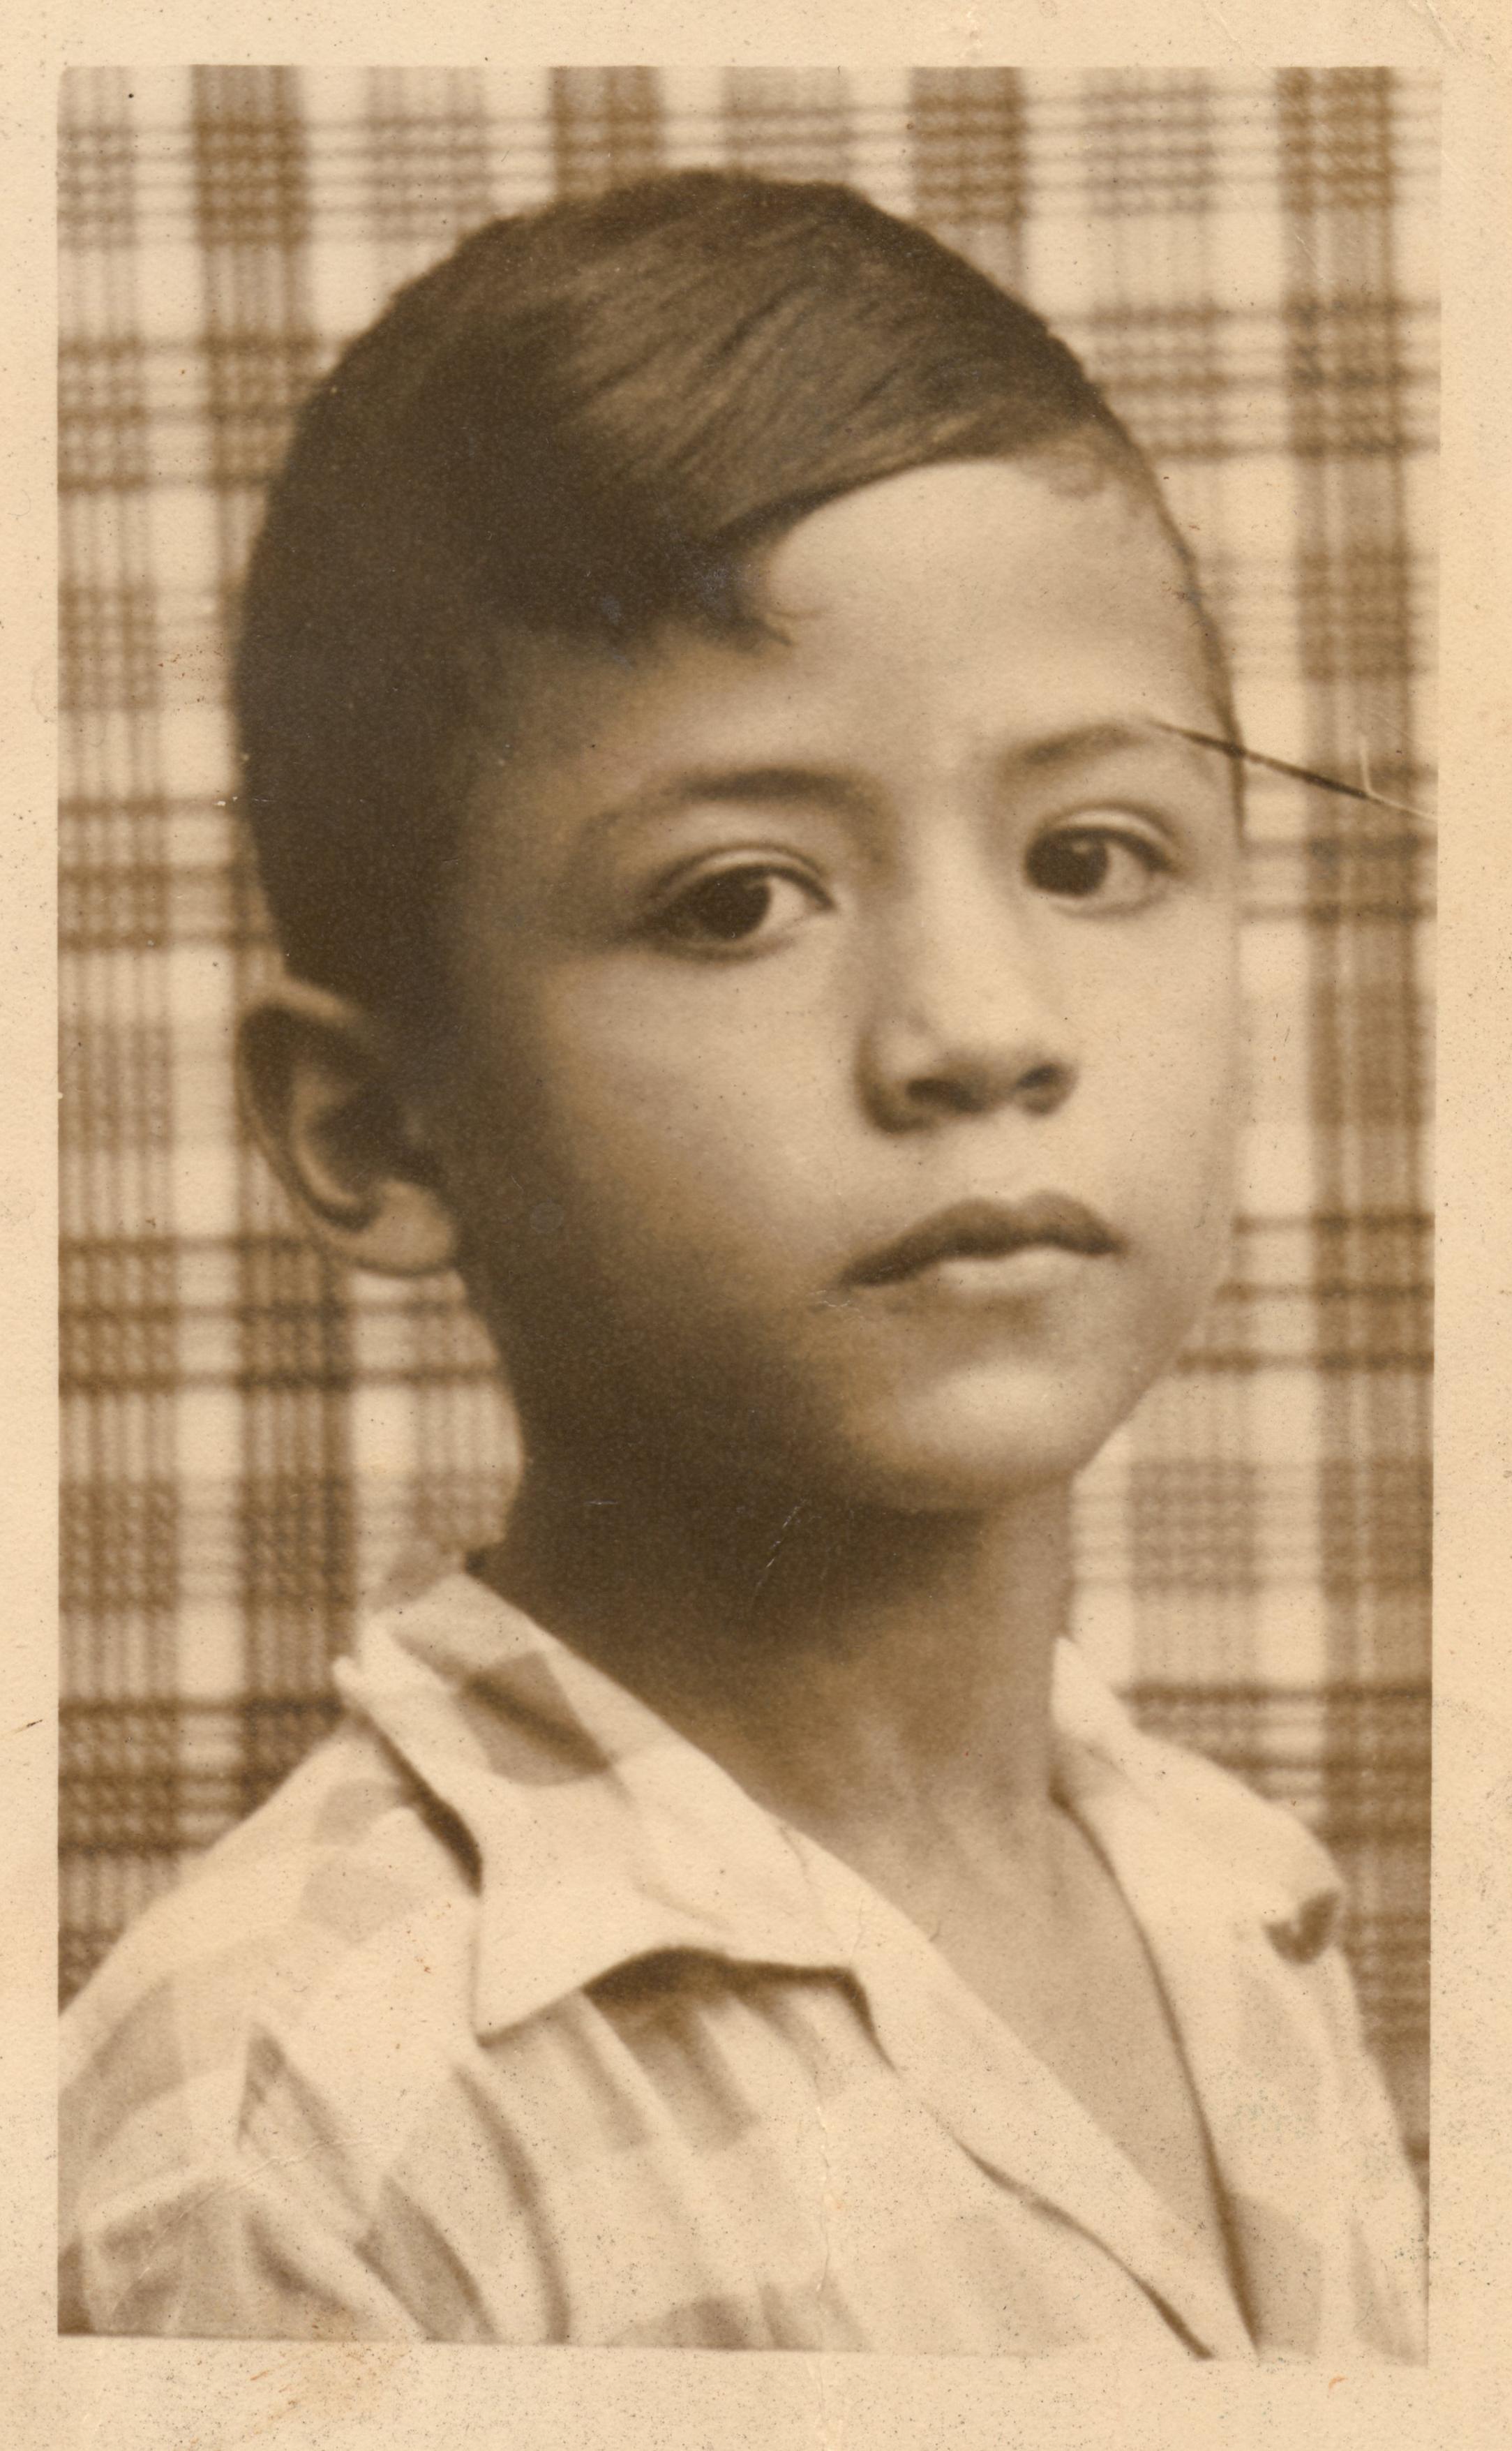 Salcedo Ramos de niño